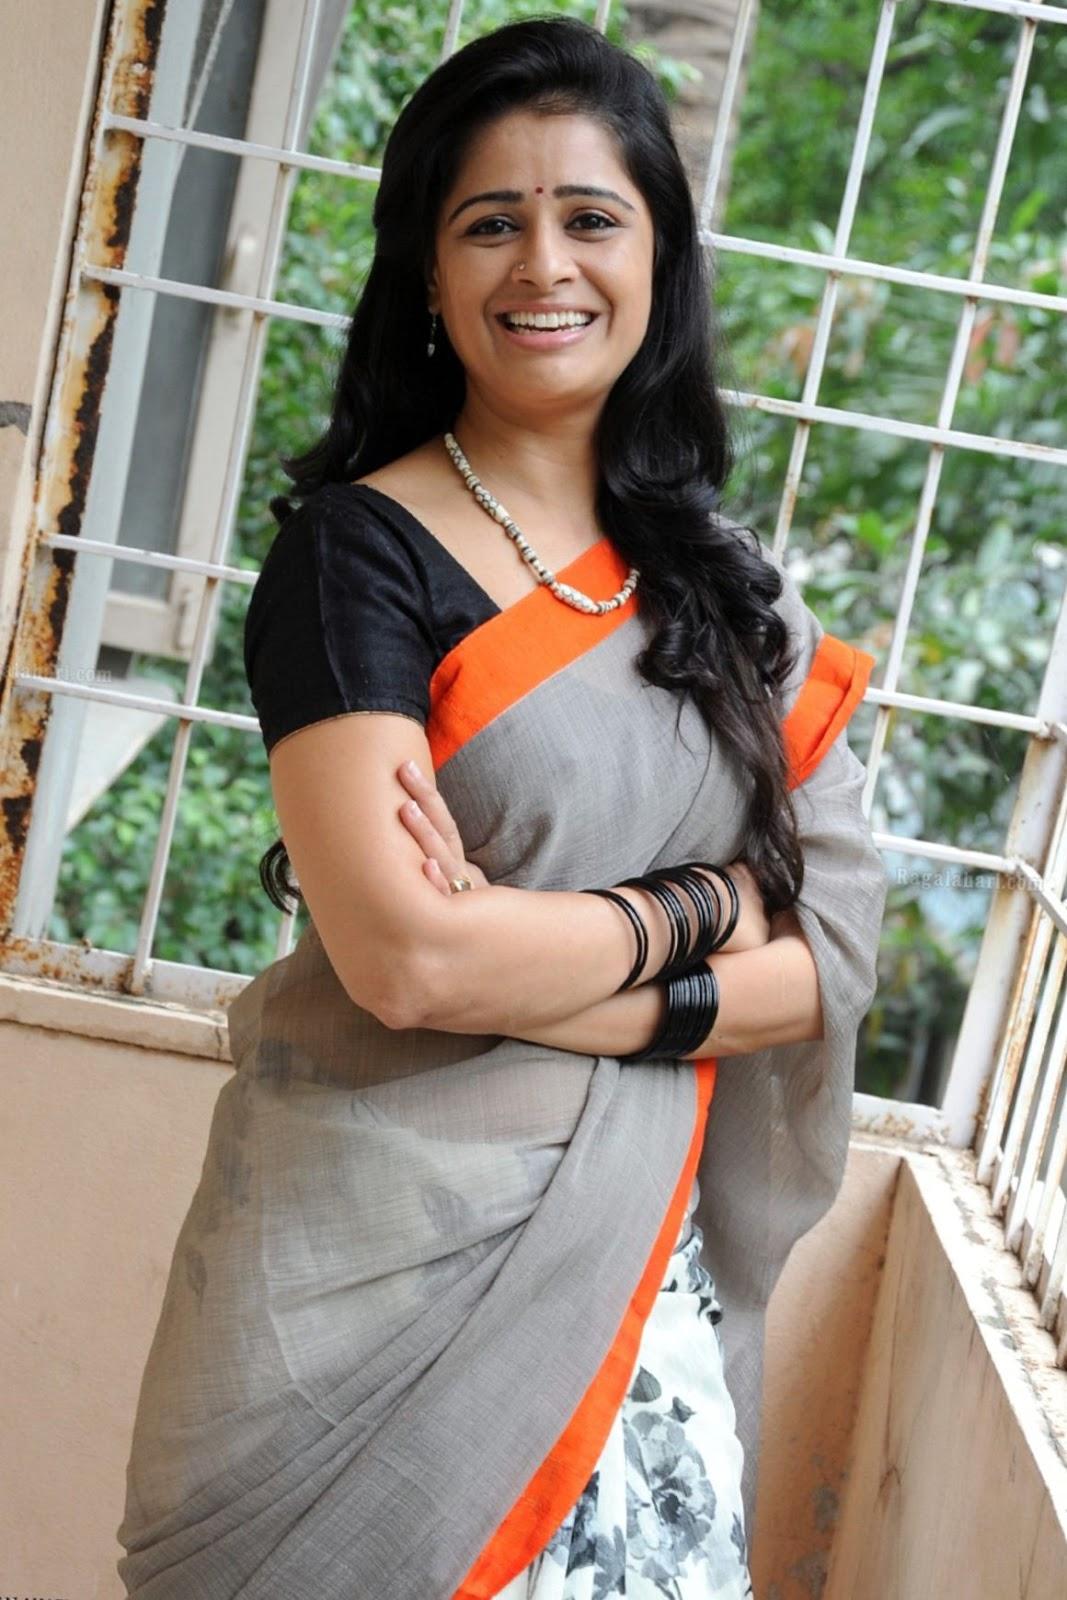 Satya Krishnan in Saree | Hot and Beauty - Dirty post